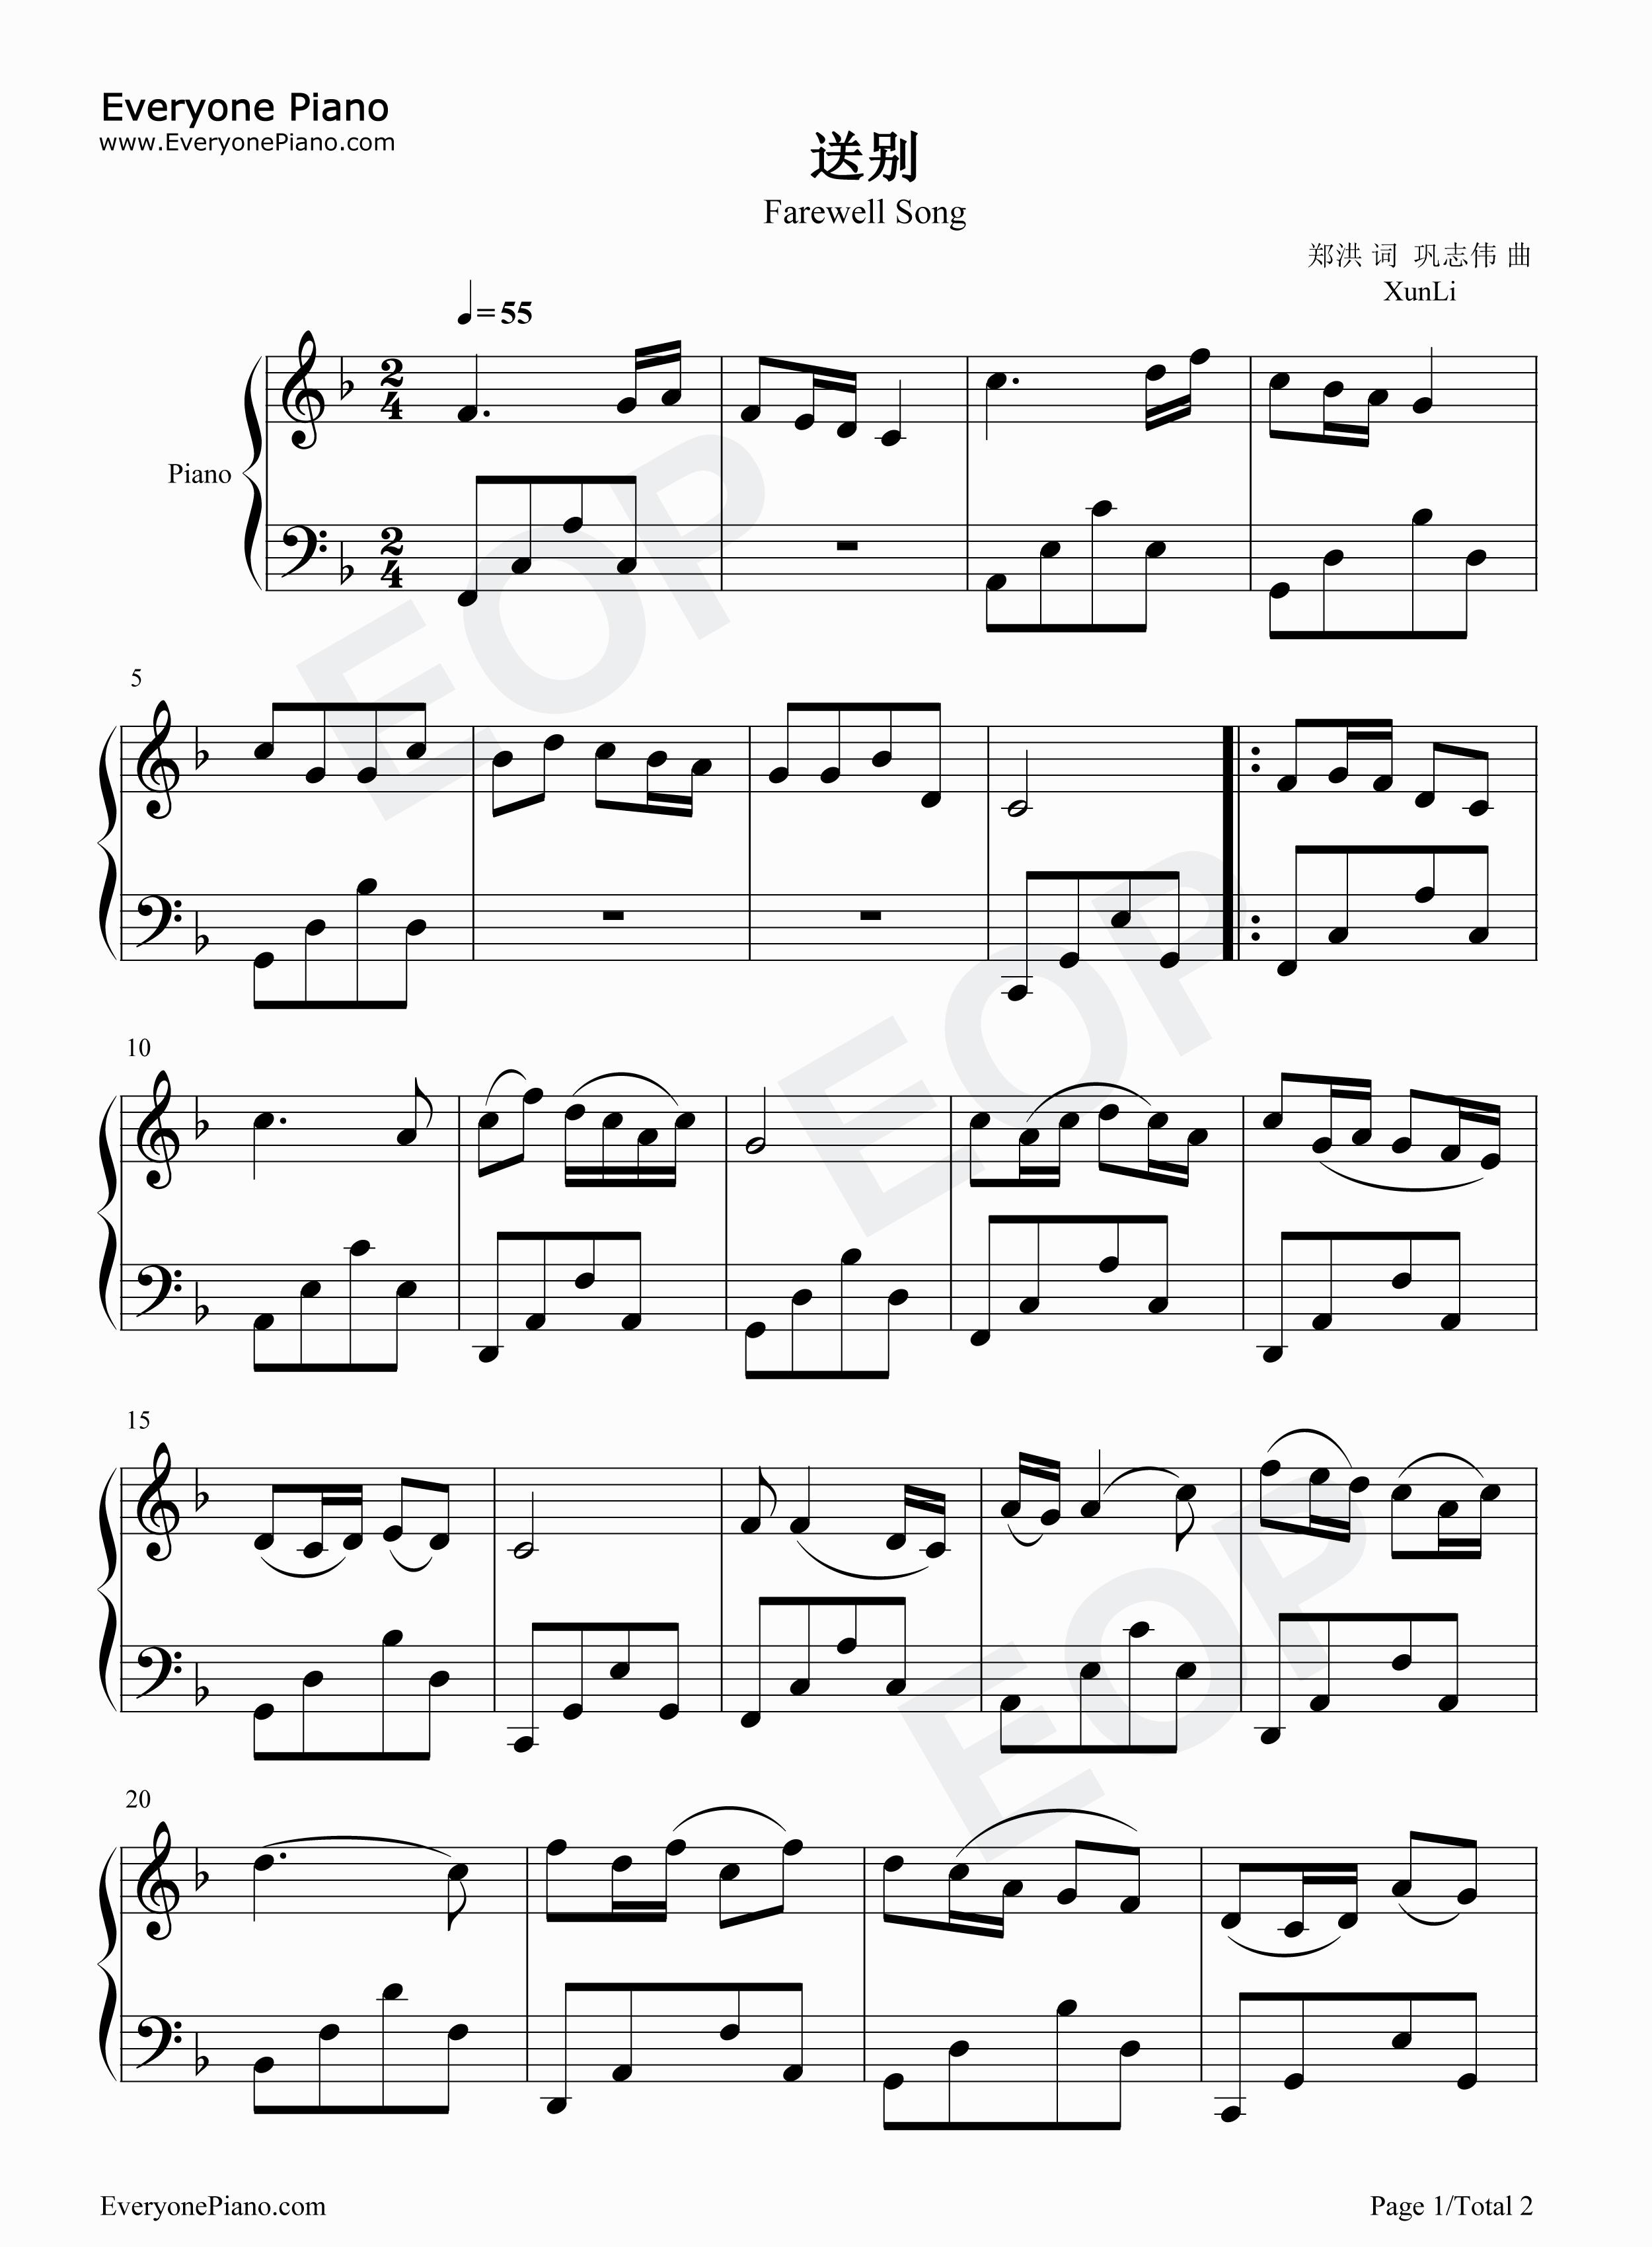 送别-孟贵彬五线谱预览1-钢琴谱(五线谱,双手简谱)